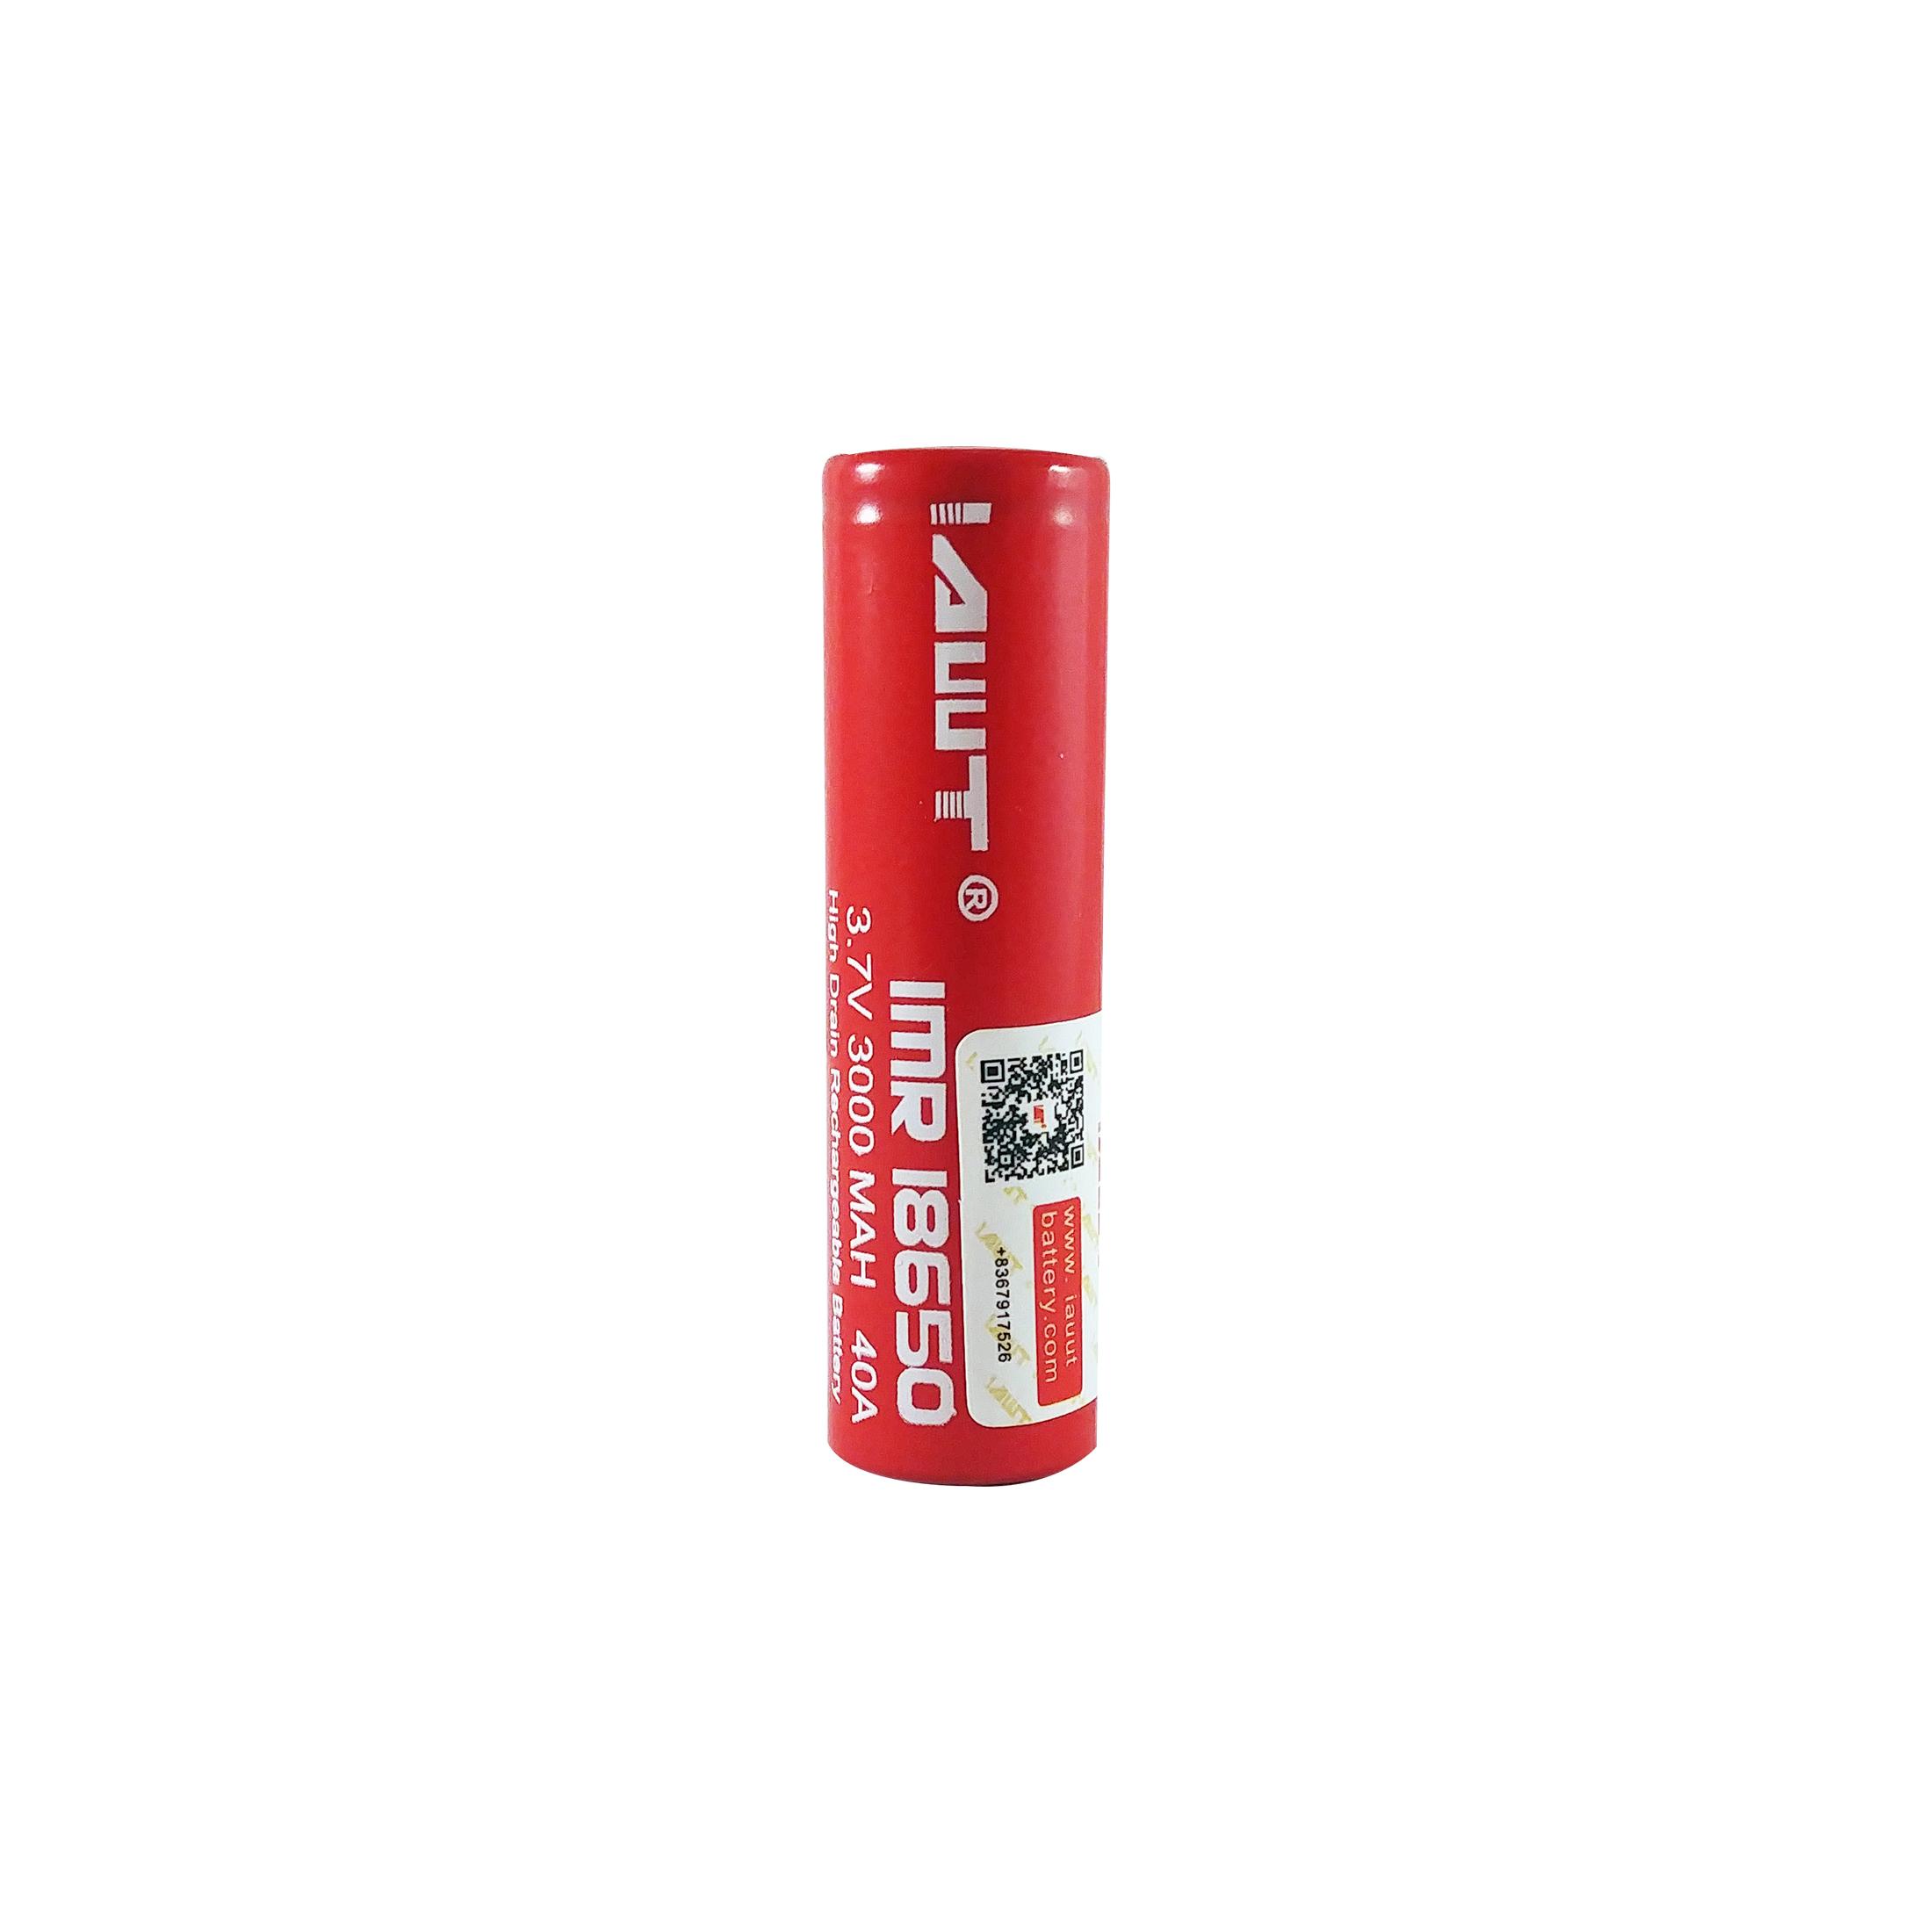 بررسی و {خرید با تخفیف}                                     باتری لیتیوم یون قابل شارژ ای دبلیو تی کد IMR18650 ظرفیت 3000 میلی آمپرساعت                             اصل